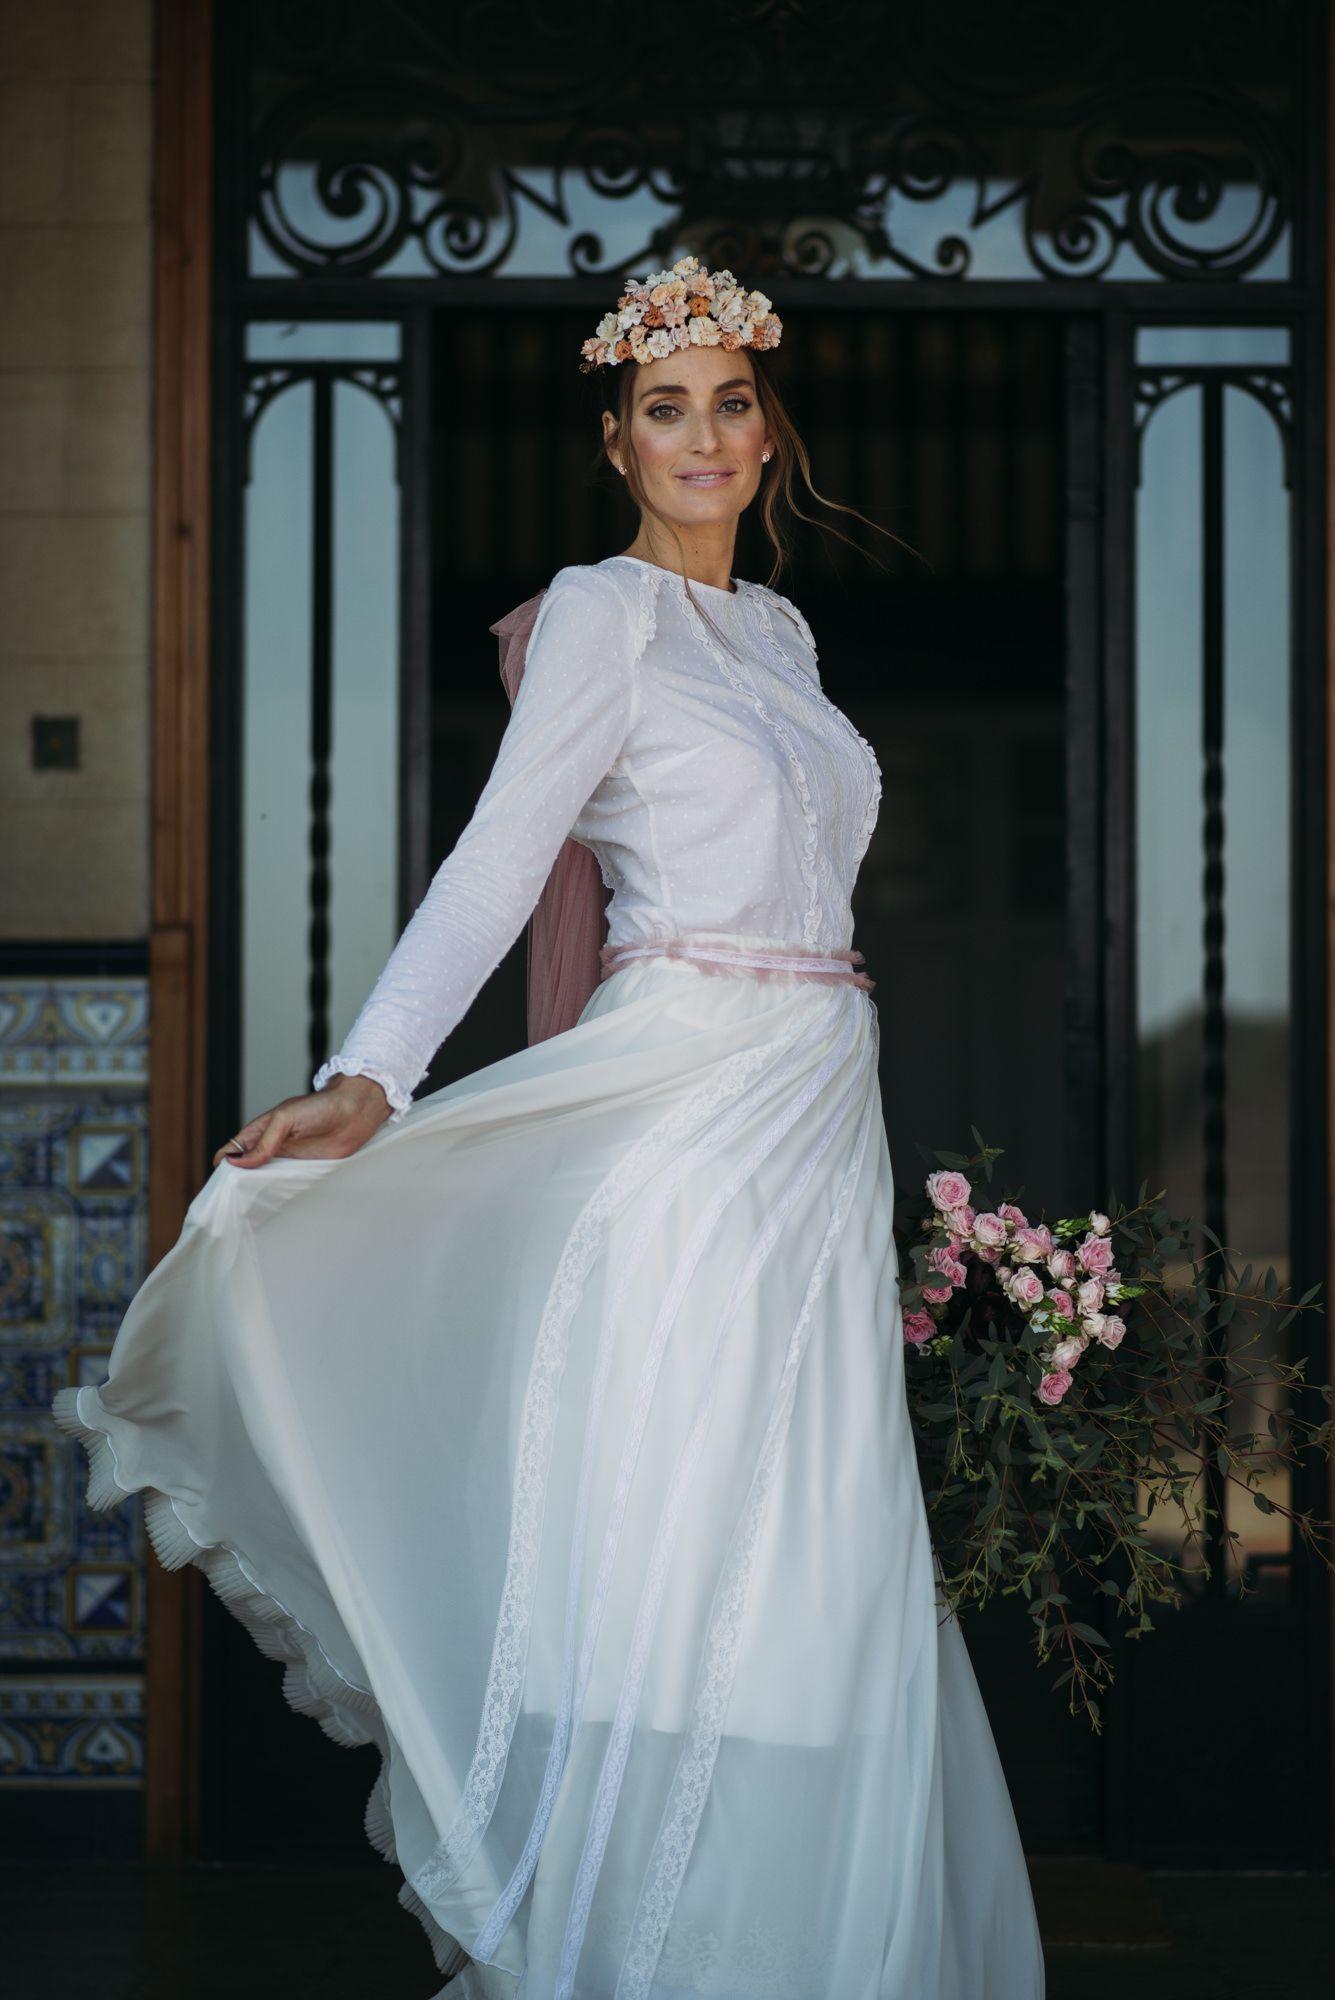 Una novia vintage en rosa empolvado | Novias vintage, Novios y Rosas